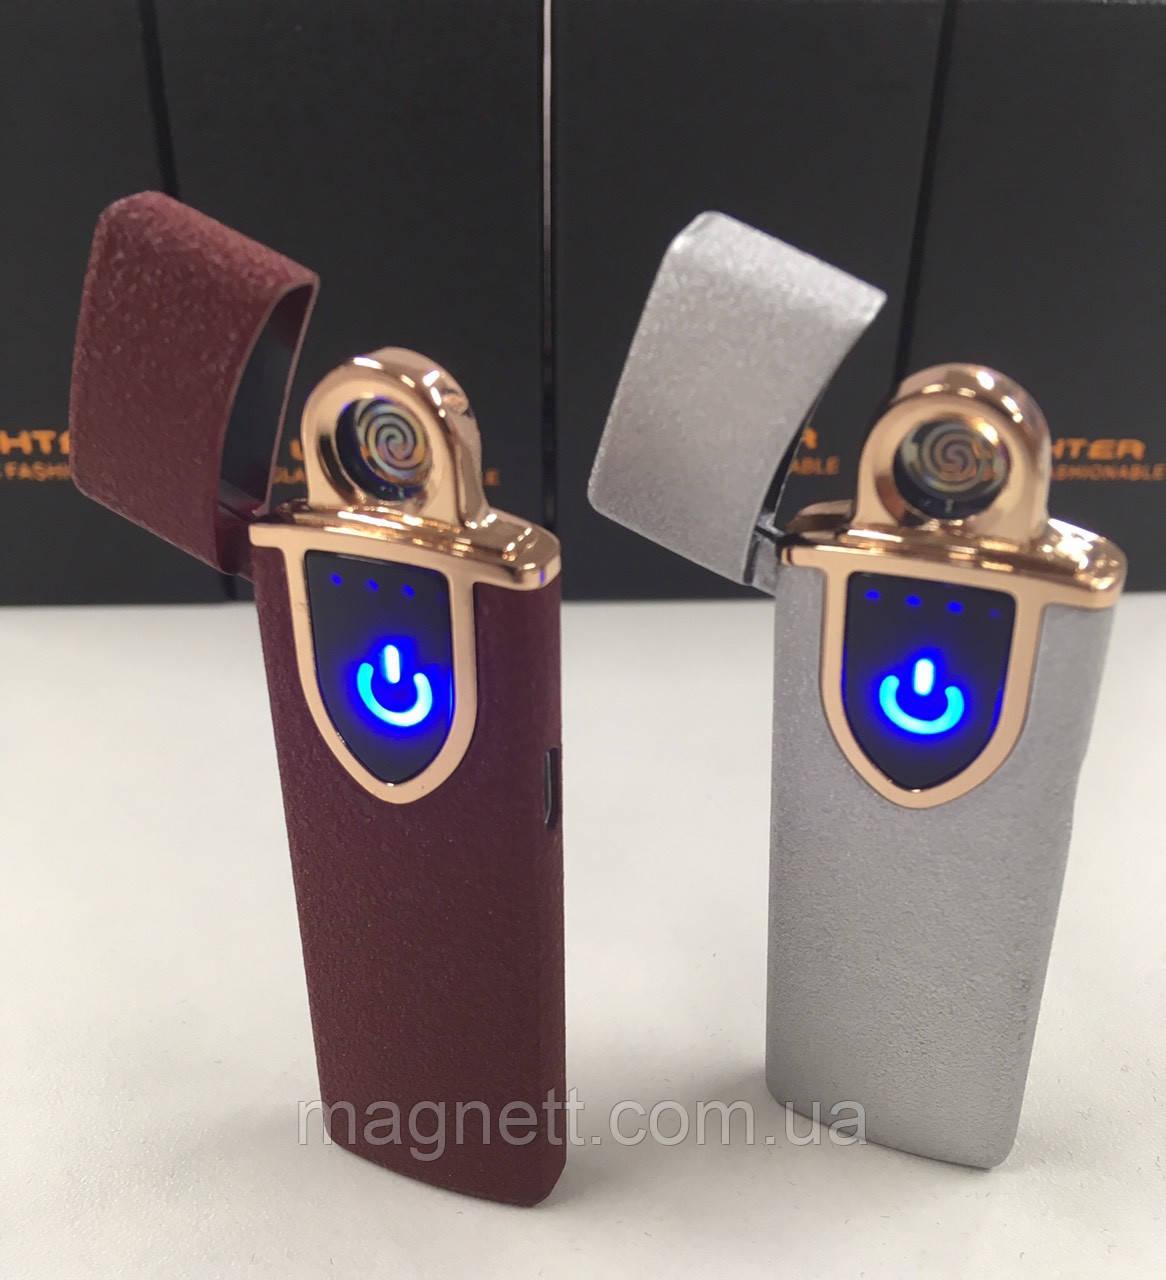 Сенсорная USB зажигалка Lighter 717